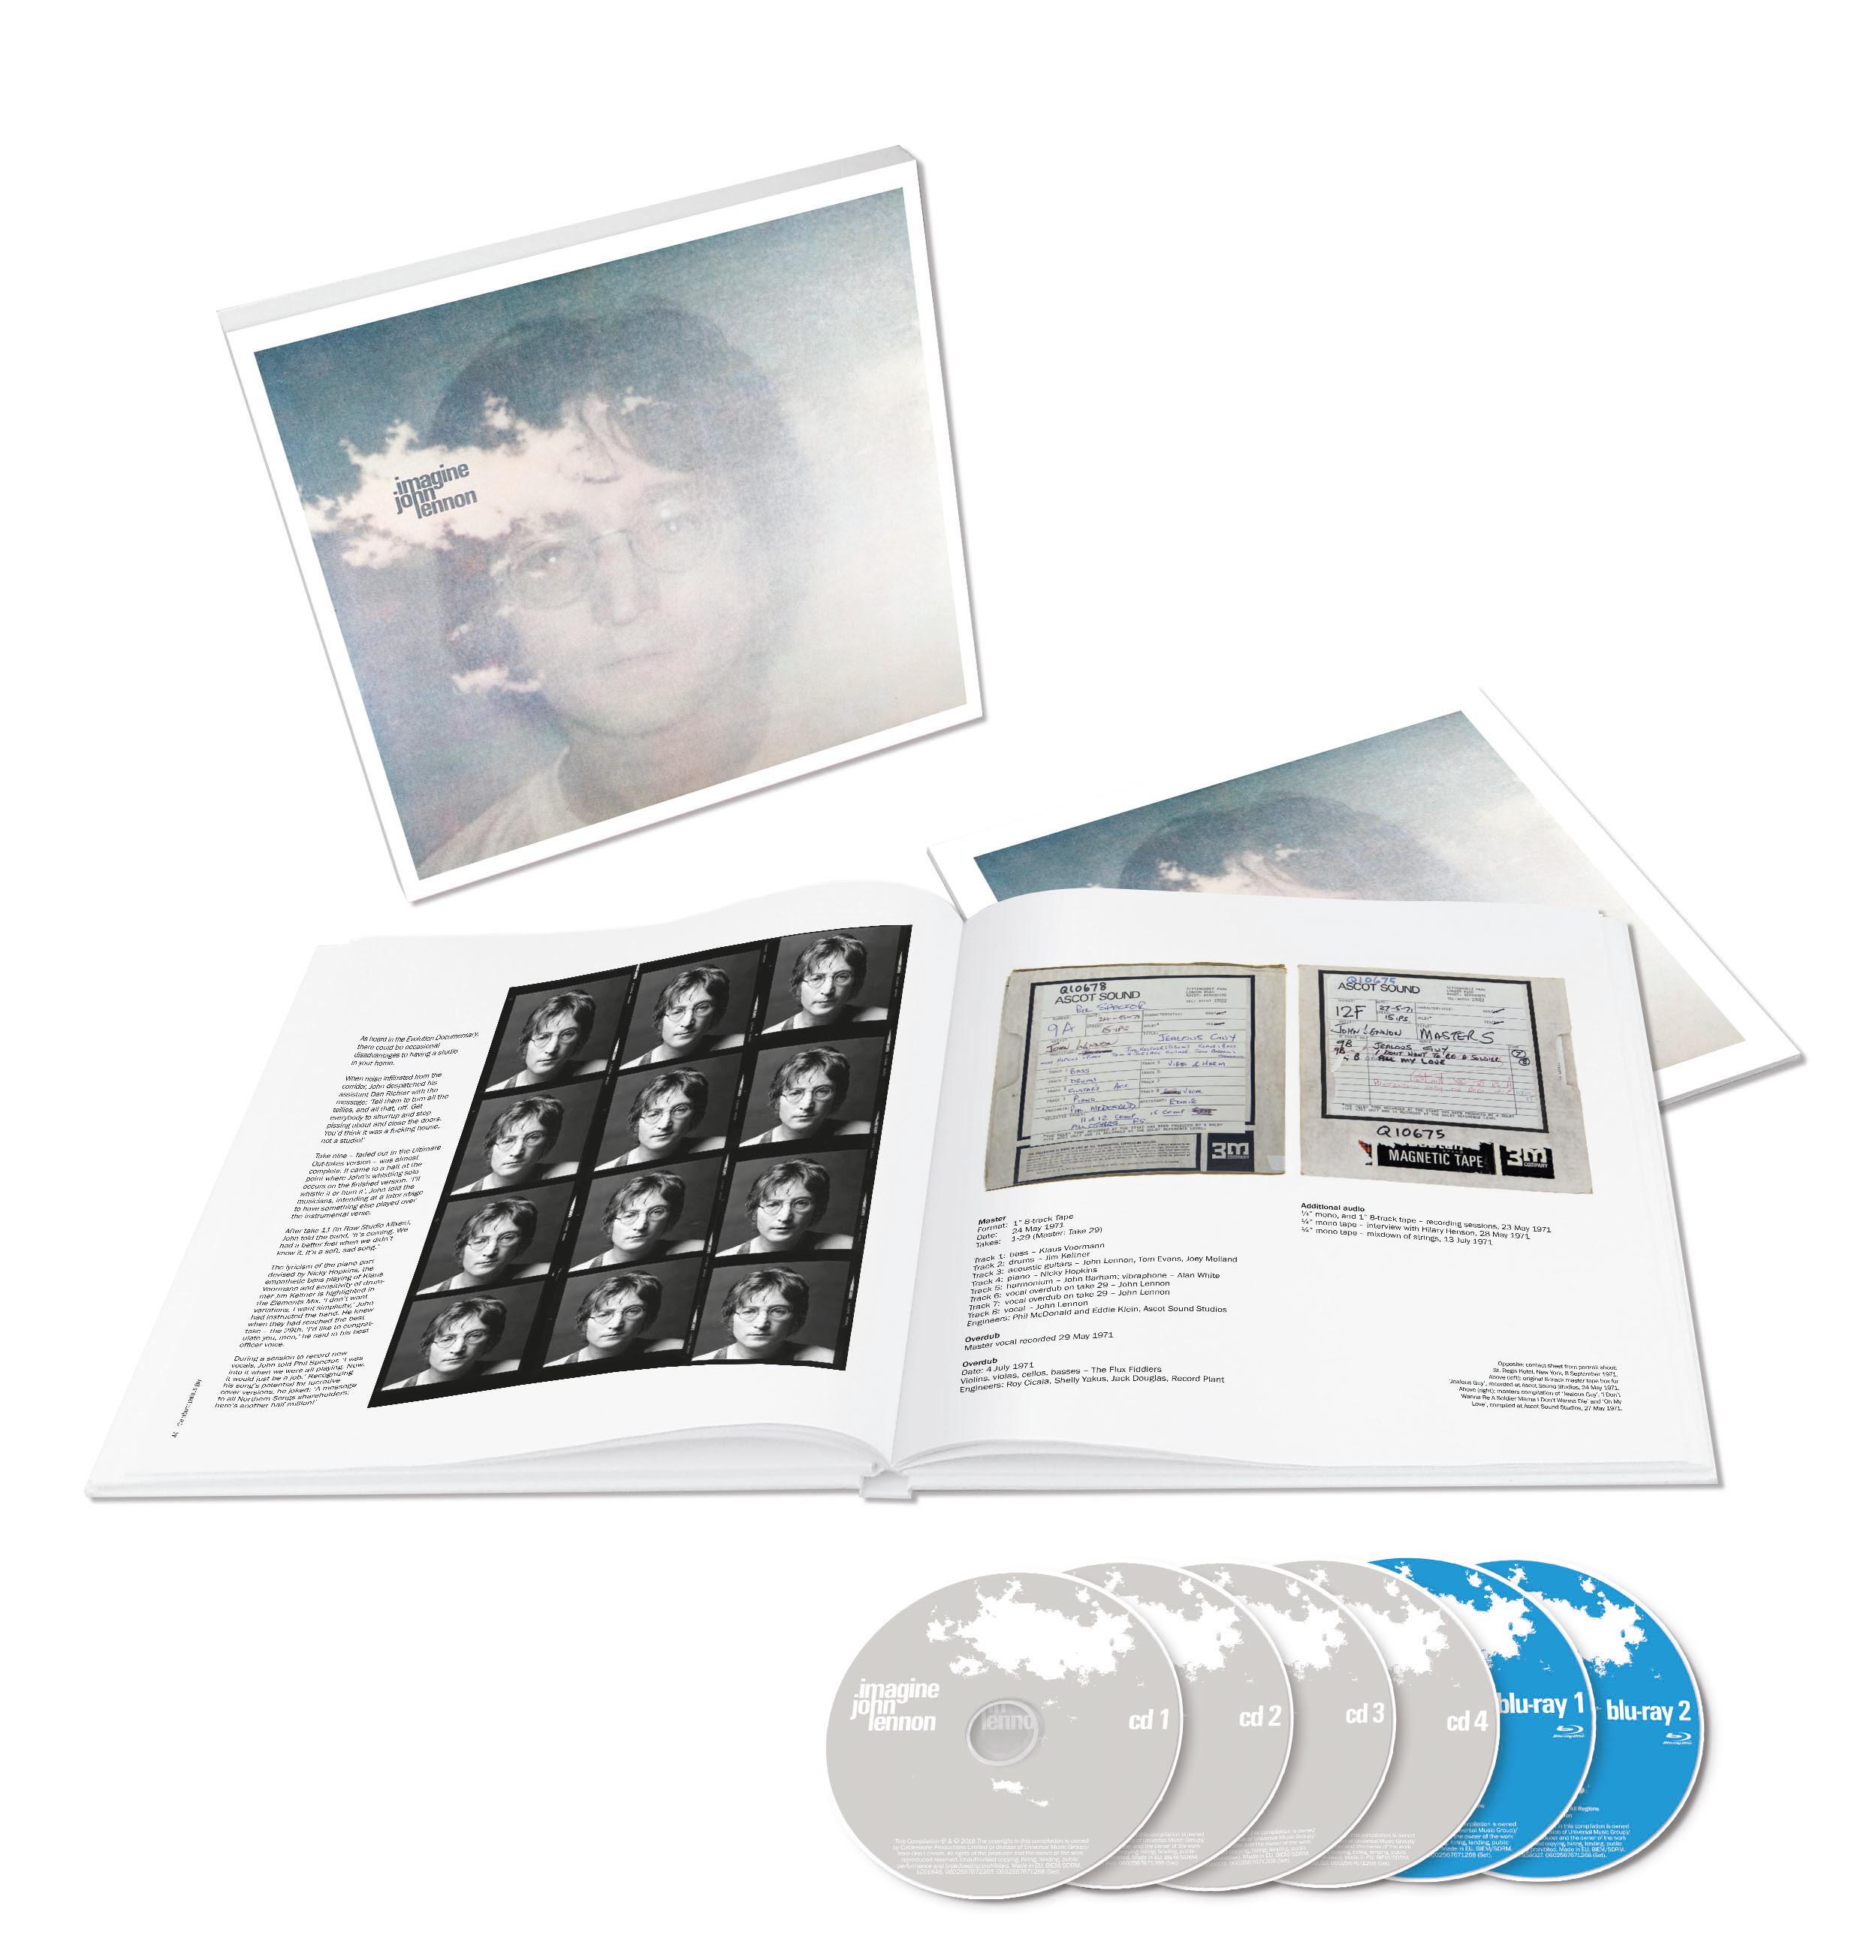 John Lennon Imagine Deluxe Box Set Ultimate Collection Reissue